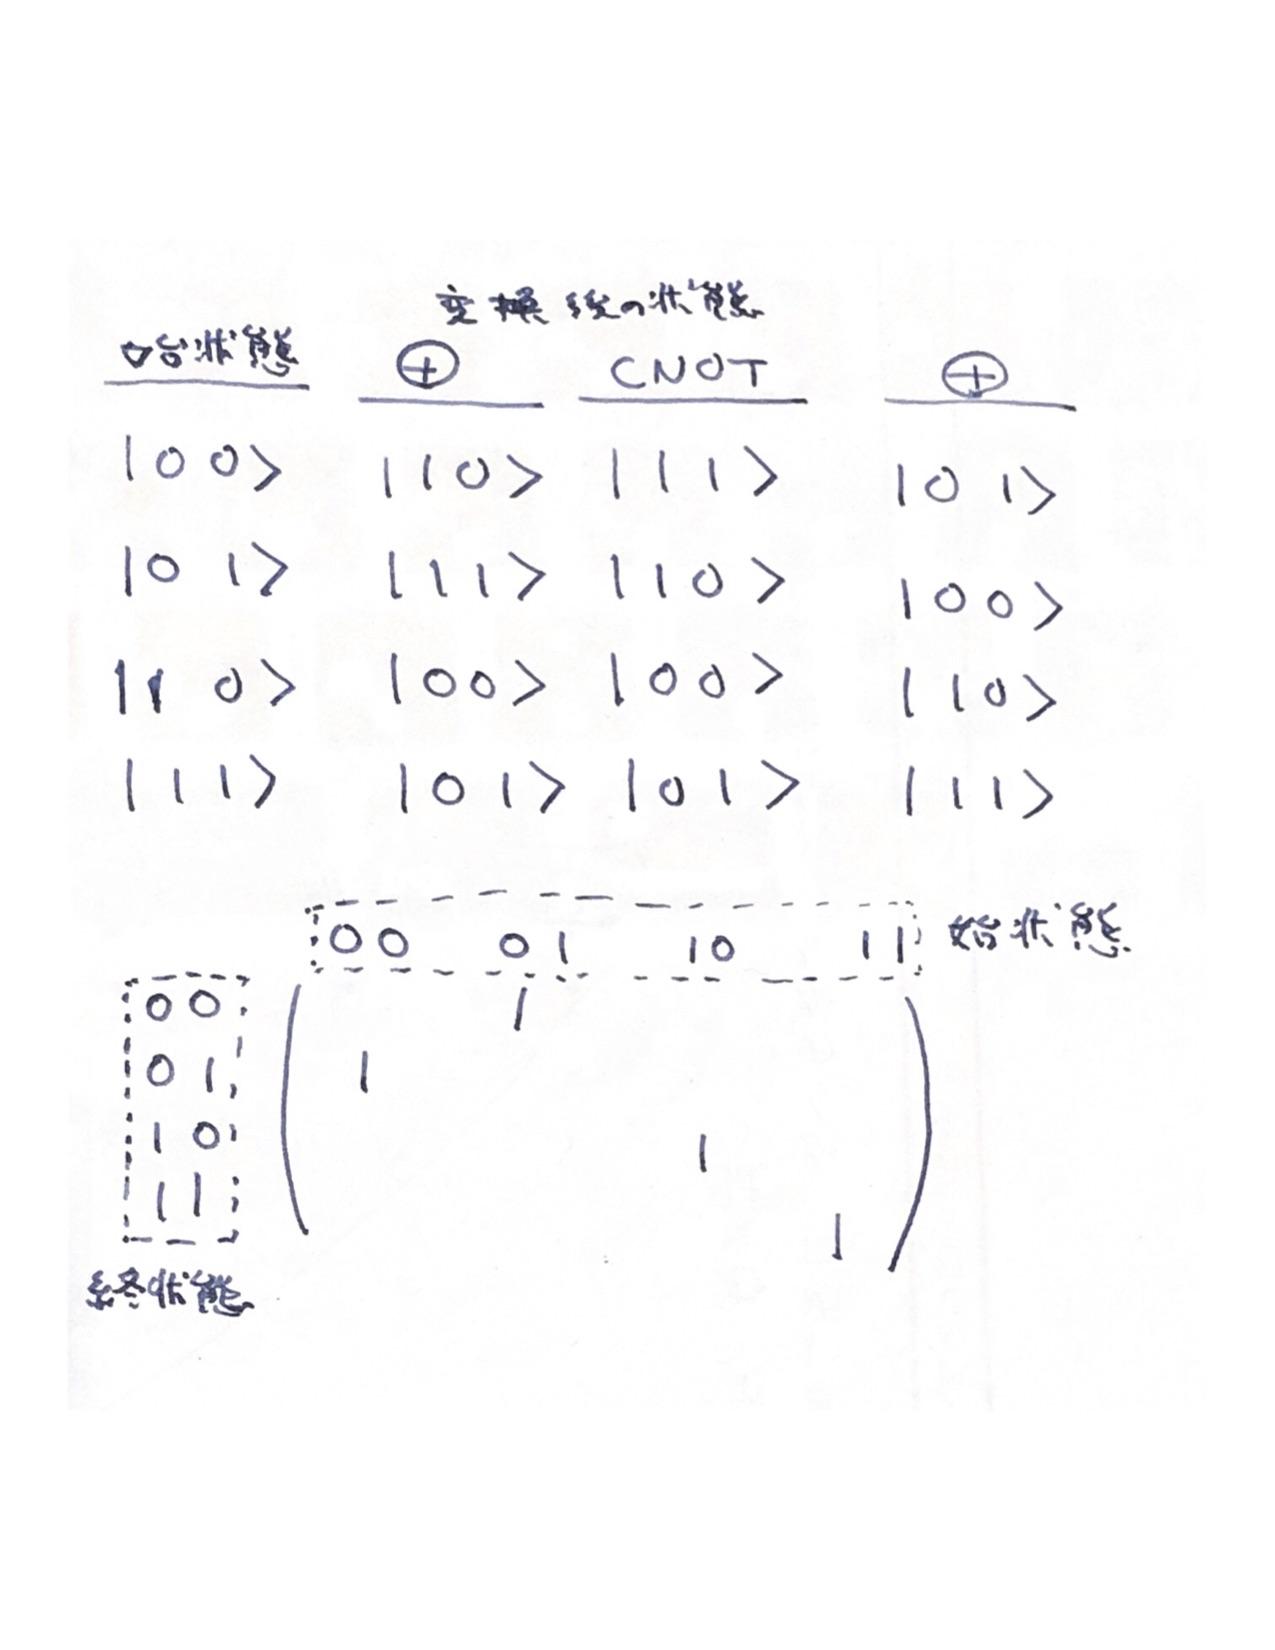 solution2.jpg